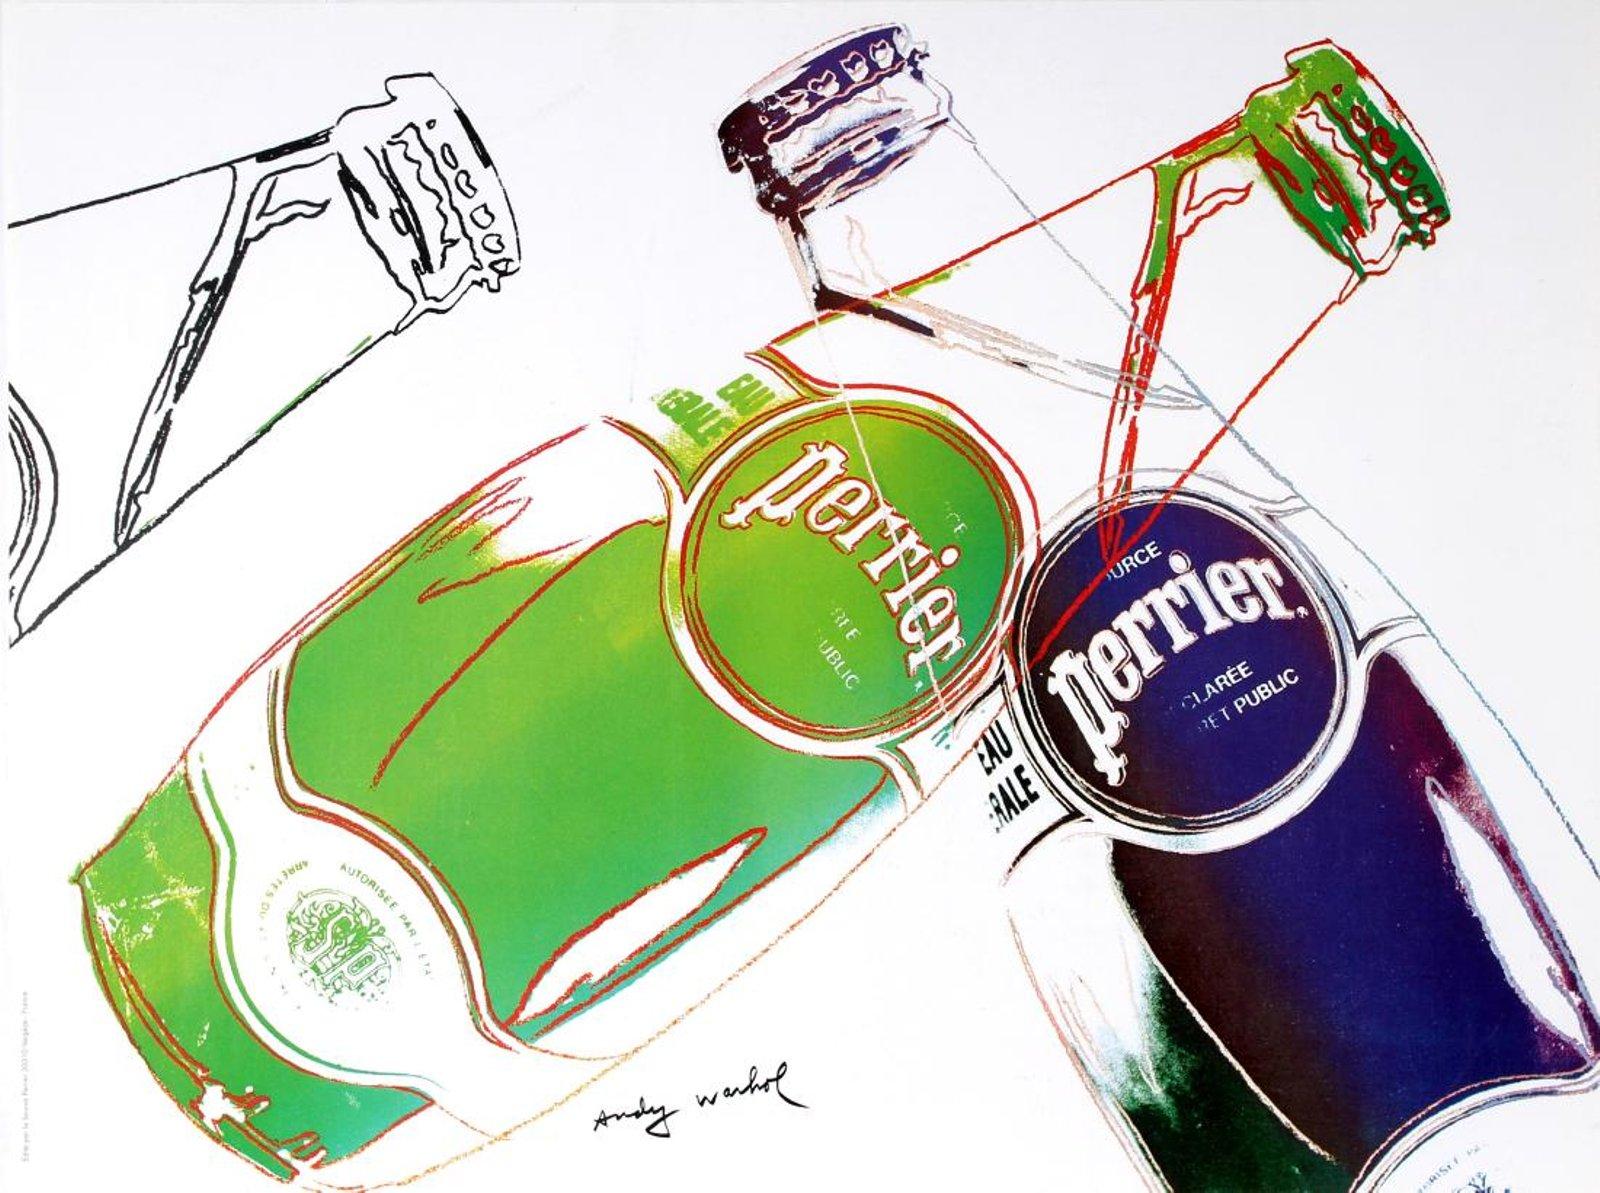 Perrier Andy Warhol